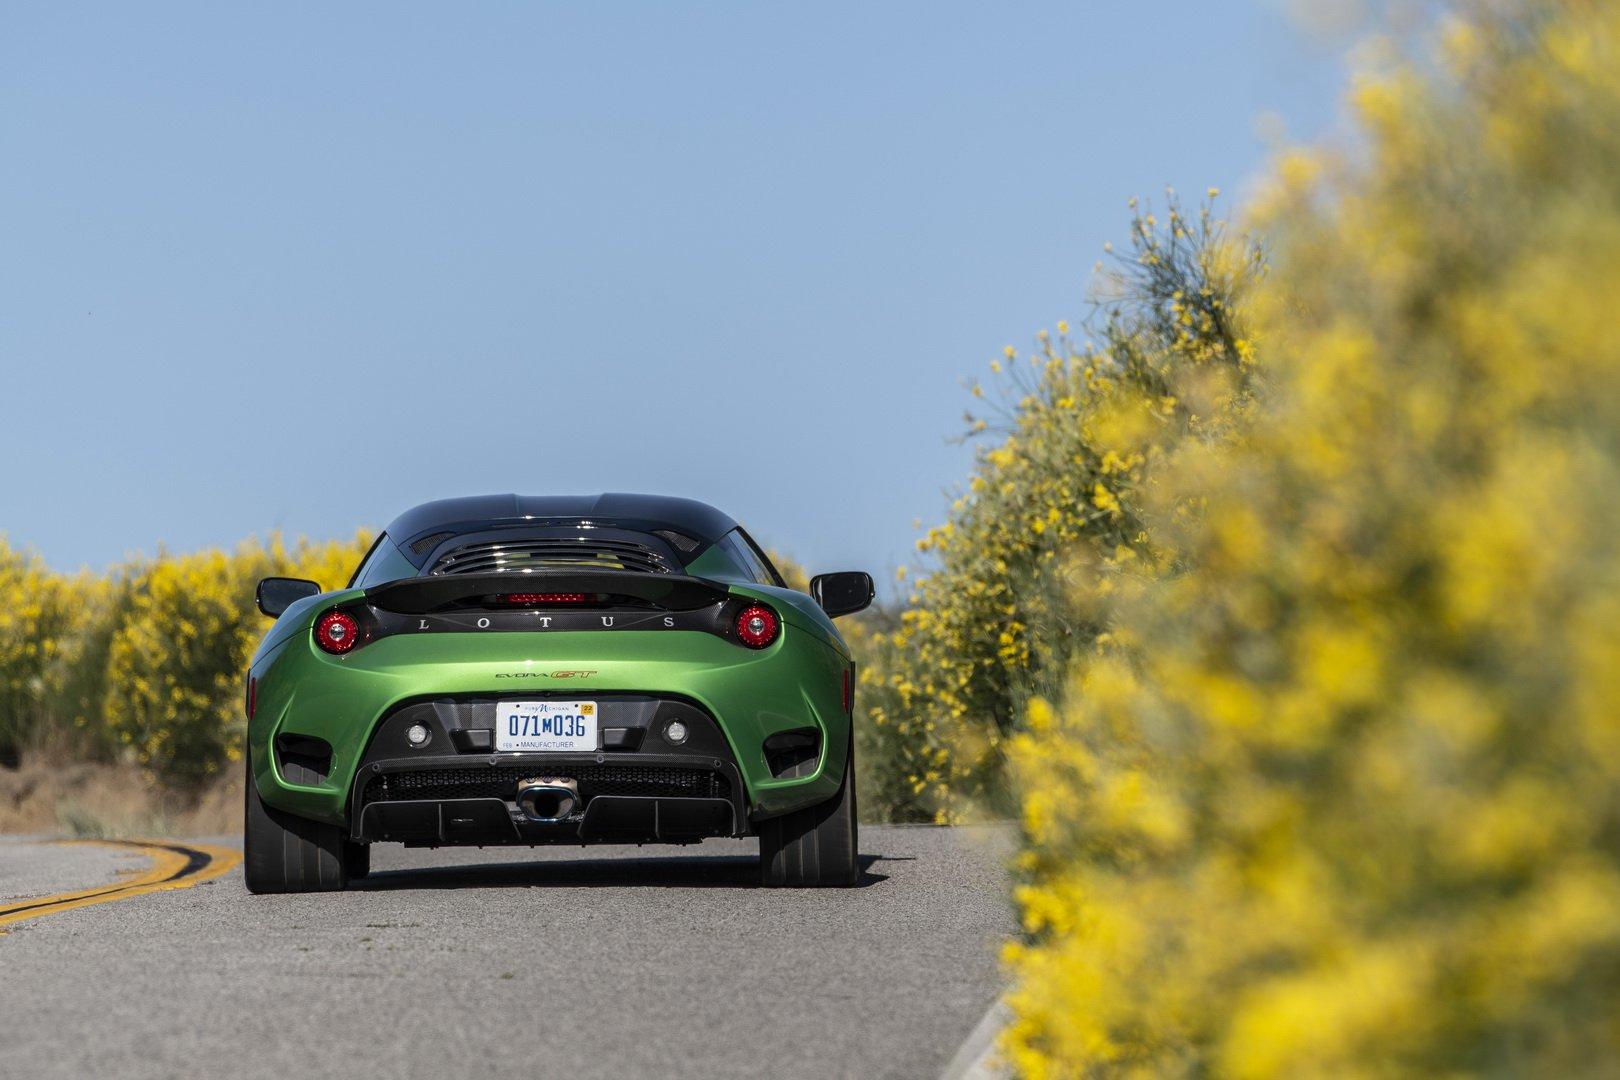 Lotus-Evora-GT-2020-12